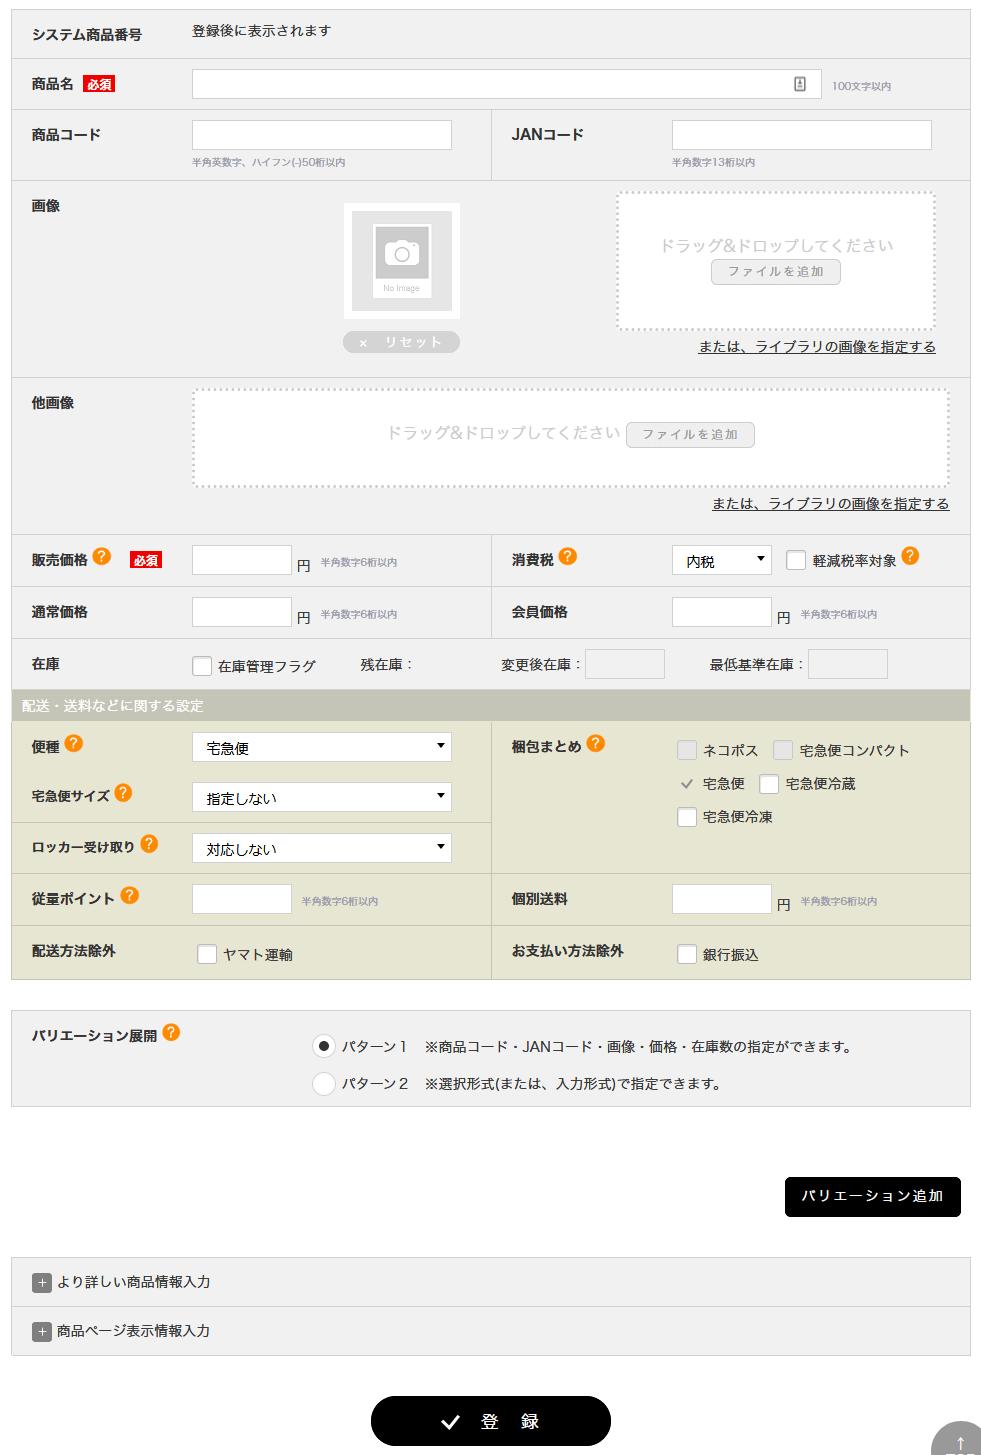 らくうるカートの商品登録画面